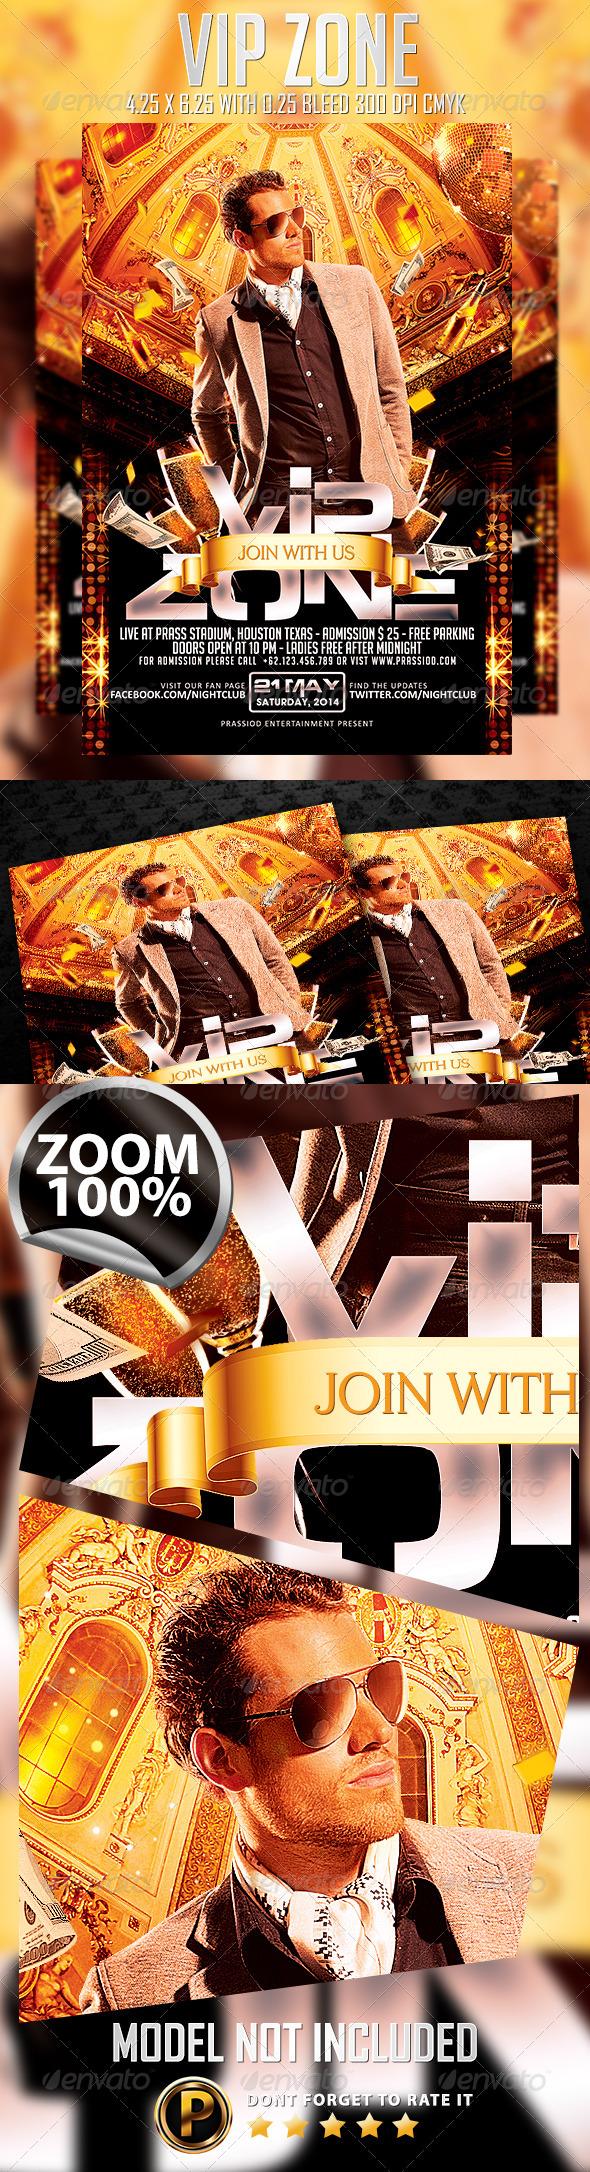 GraphicRiver Vip Zone Flyer Template 7598853